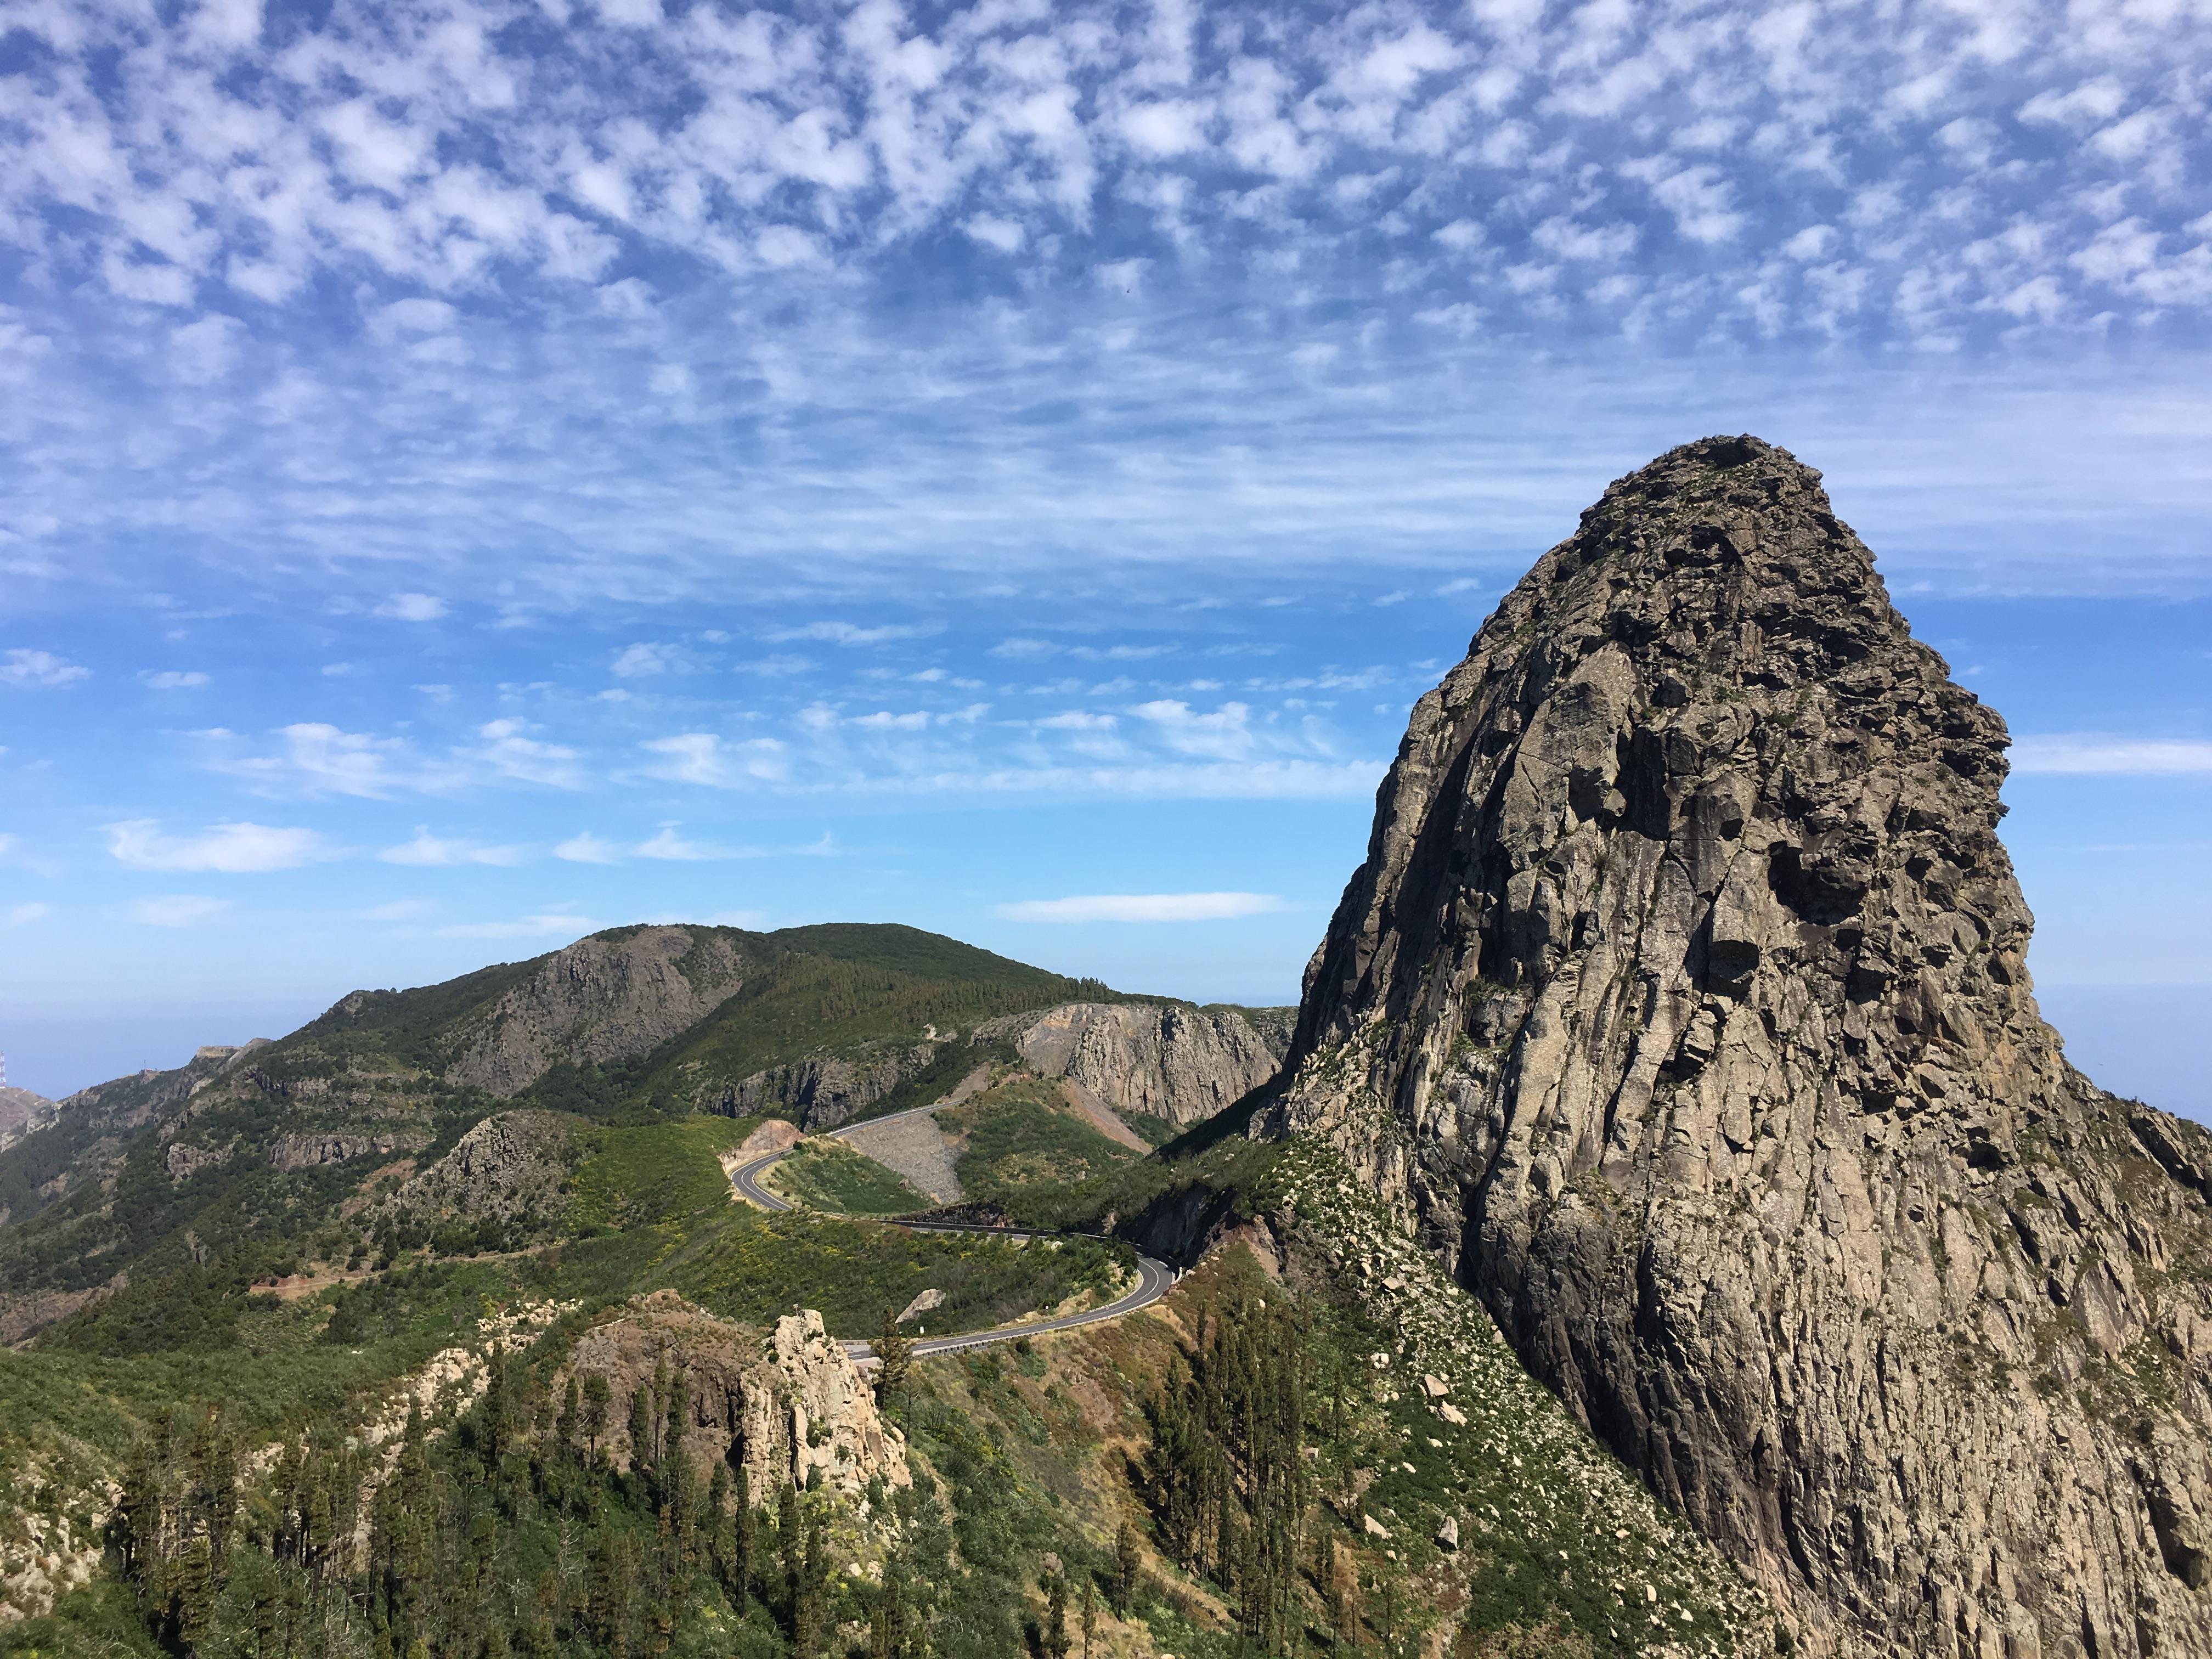 Sendero Cumbres de La Gomera GR131